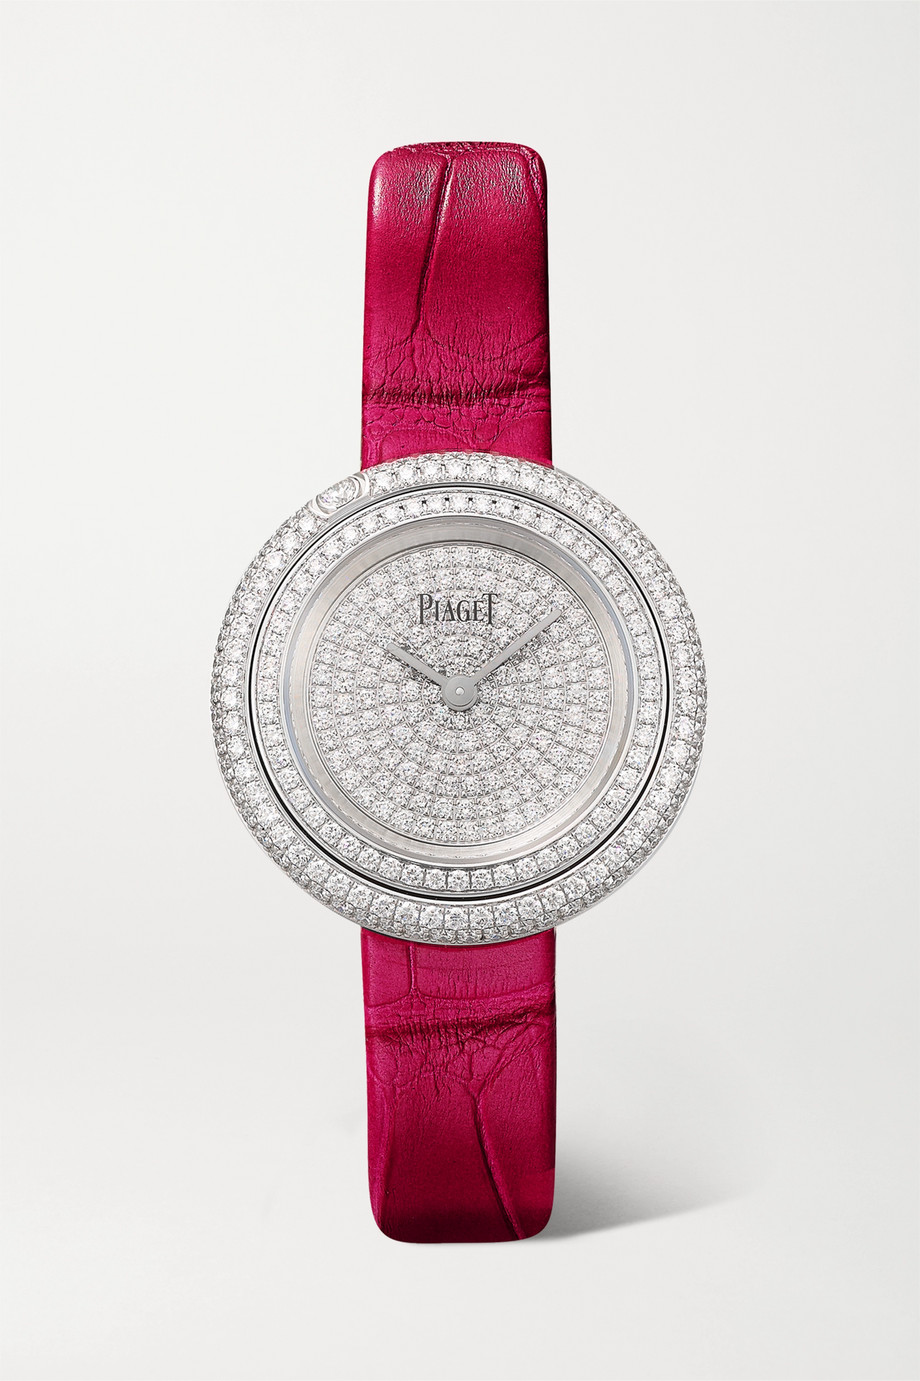 Piaget Possession 29 mm Uhr aus 18 Karat Weißgold mit Diamanten und Alligatorlederarmband